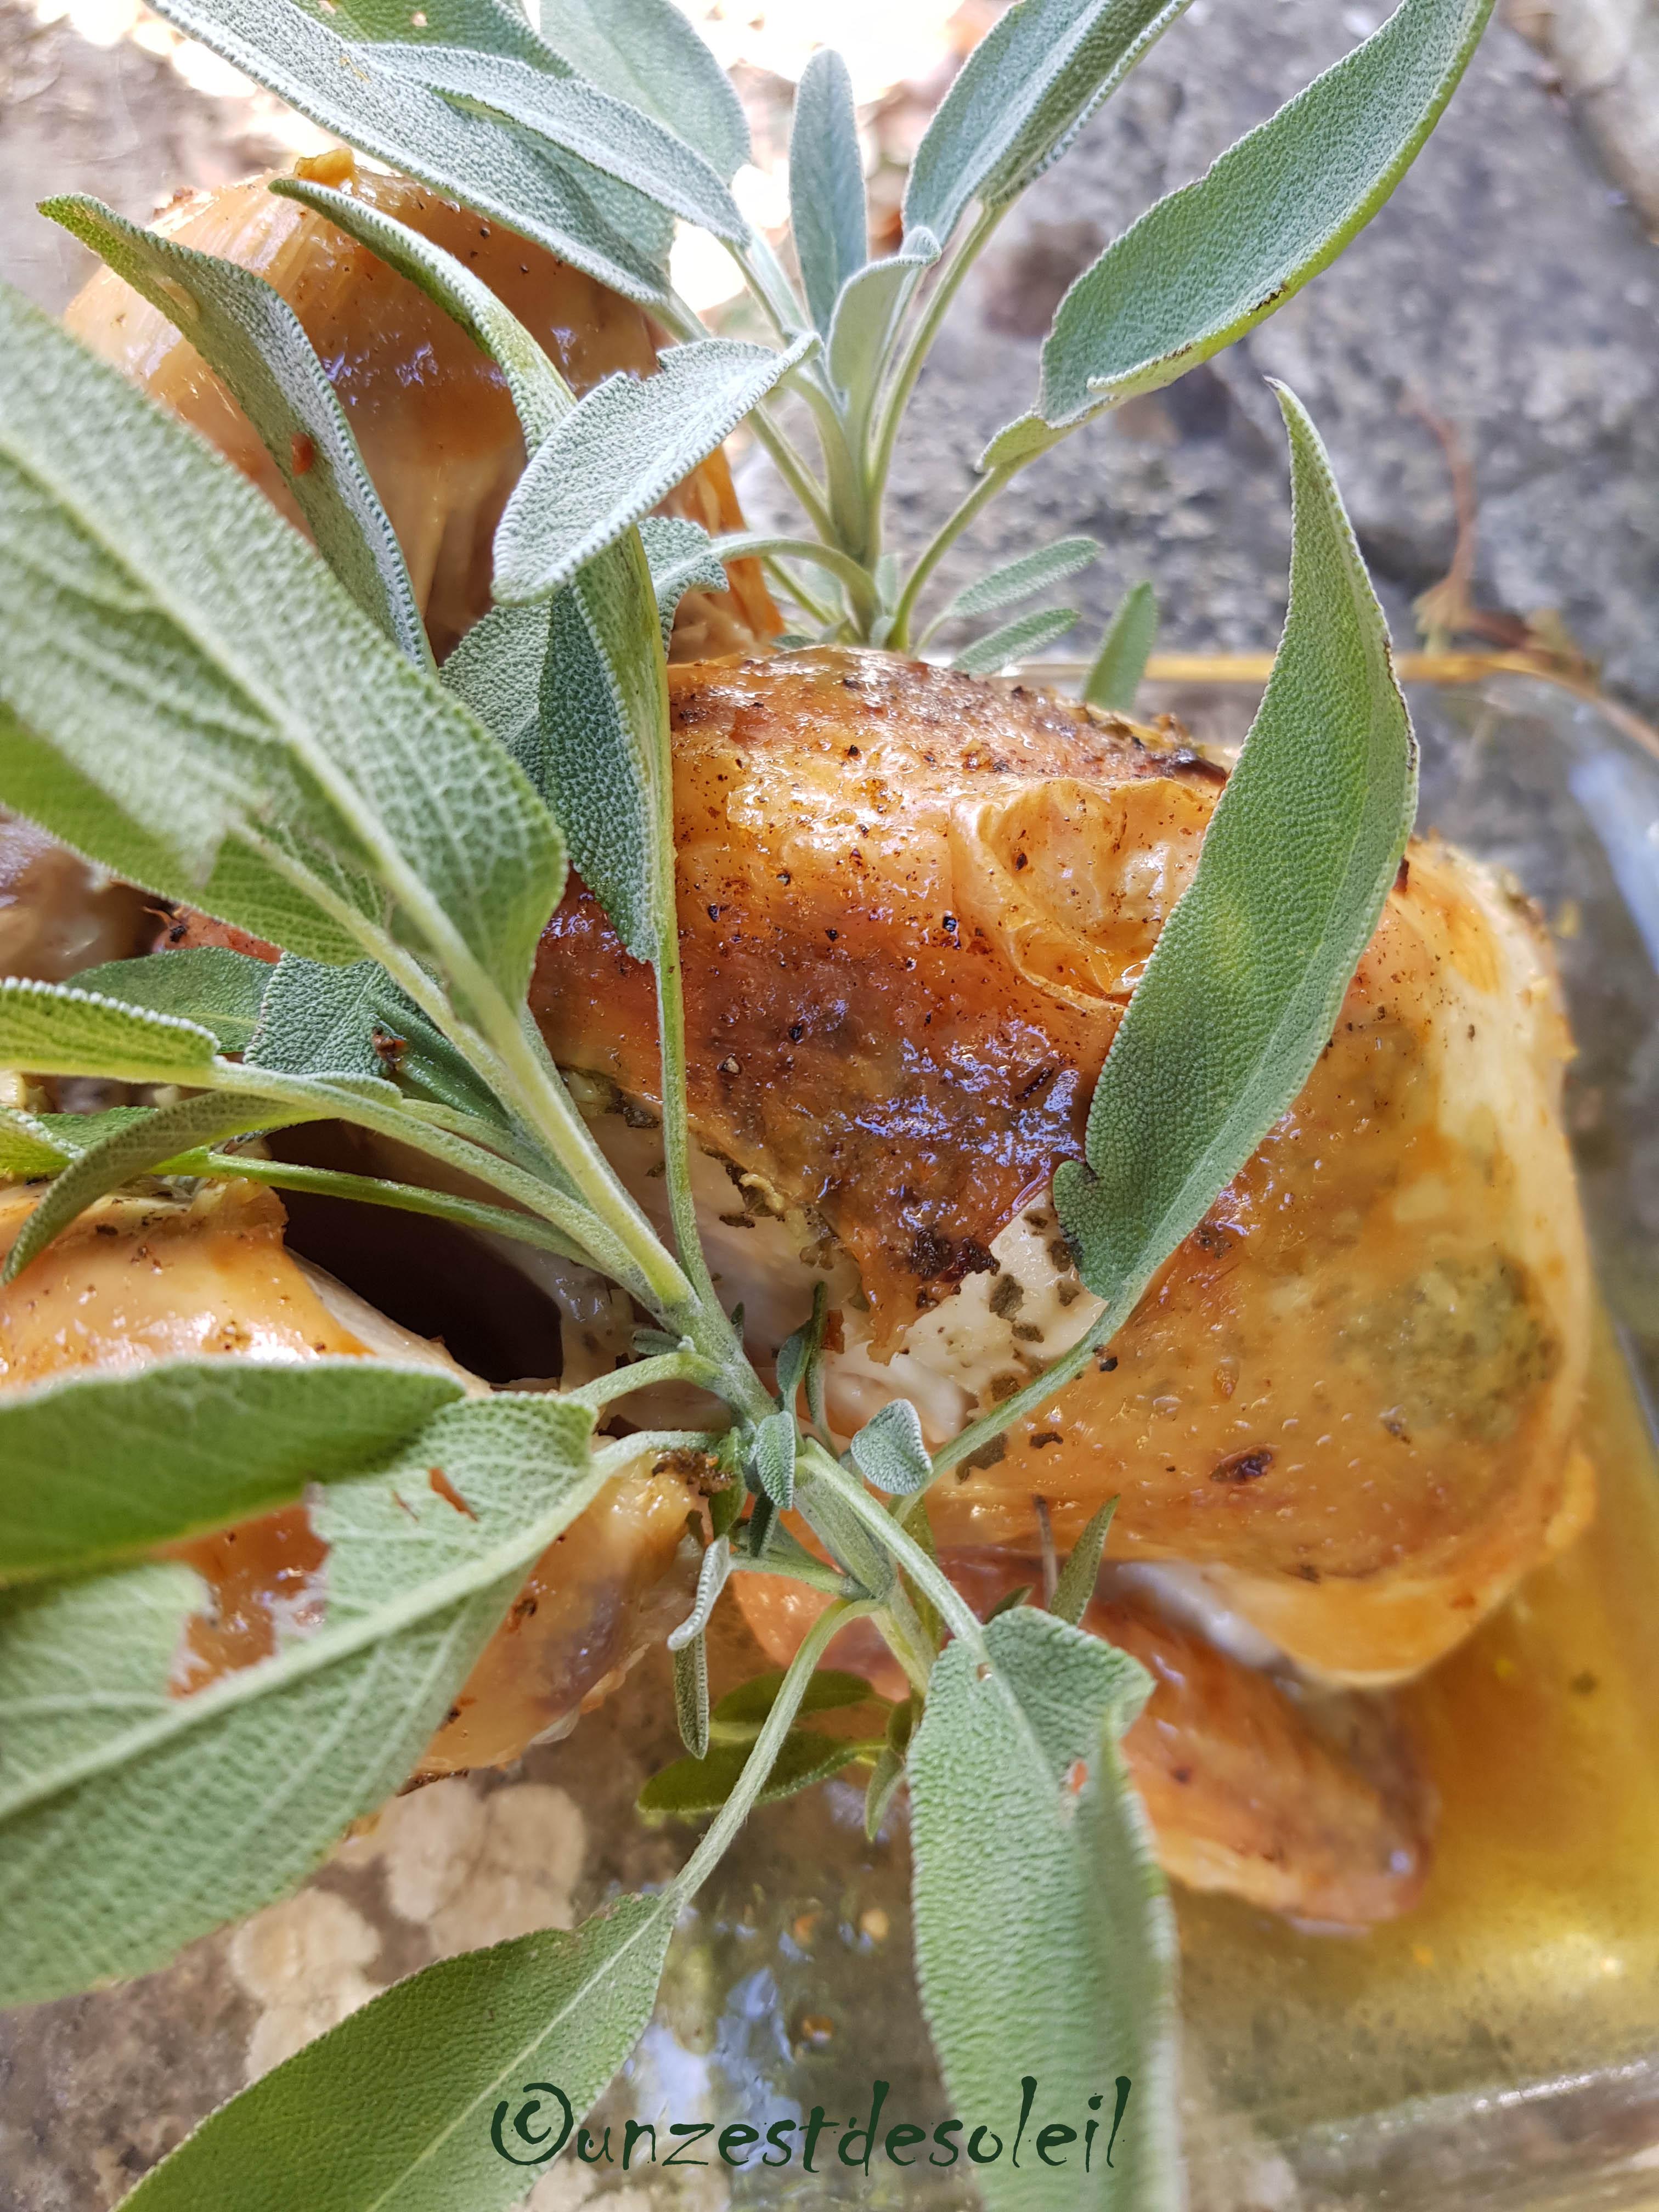 poulet grillébeurre de sauge 3